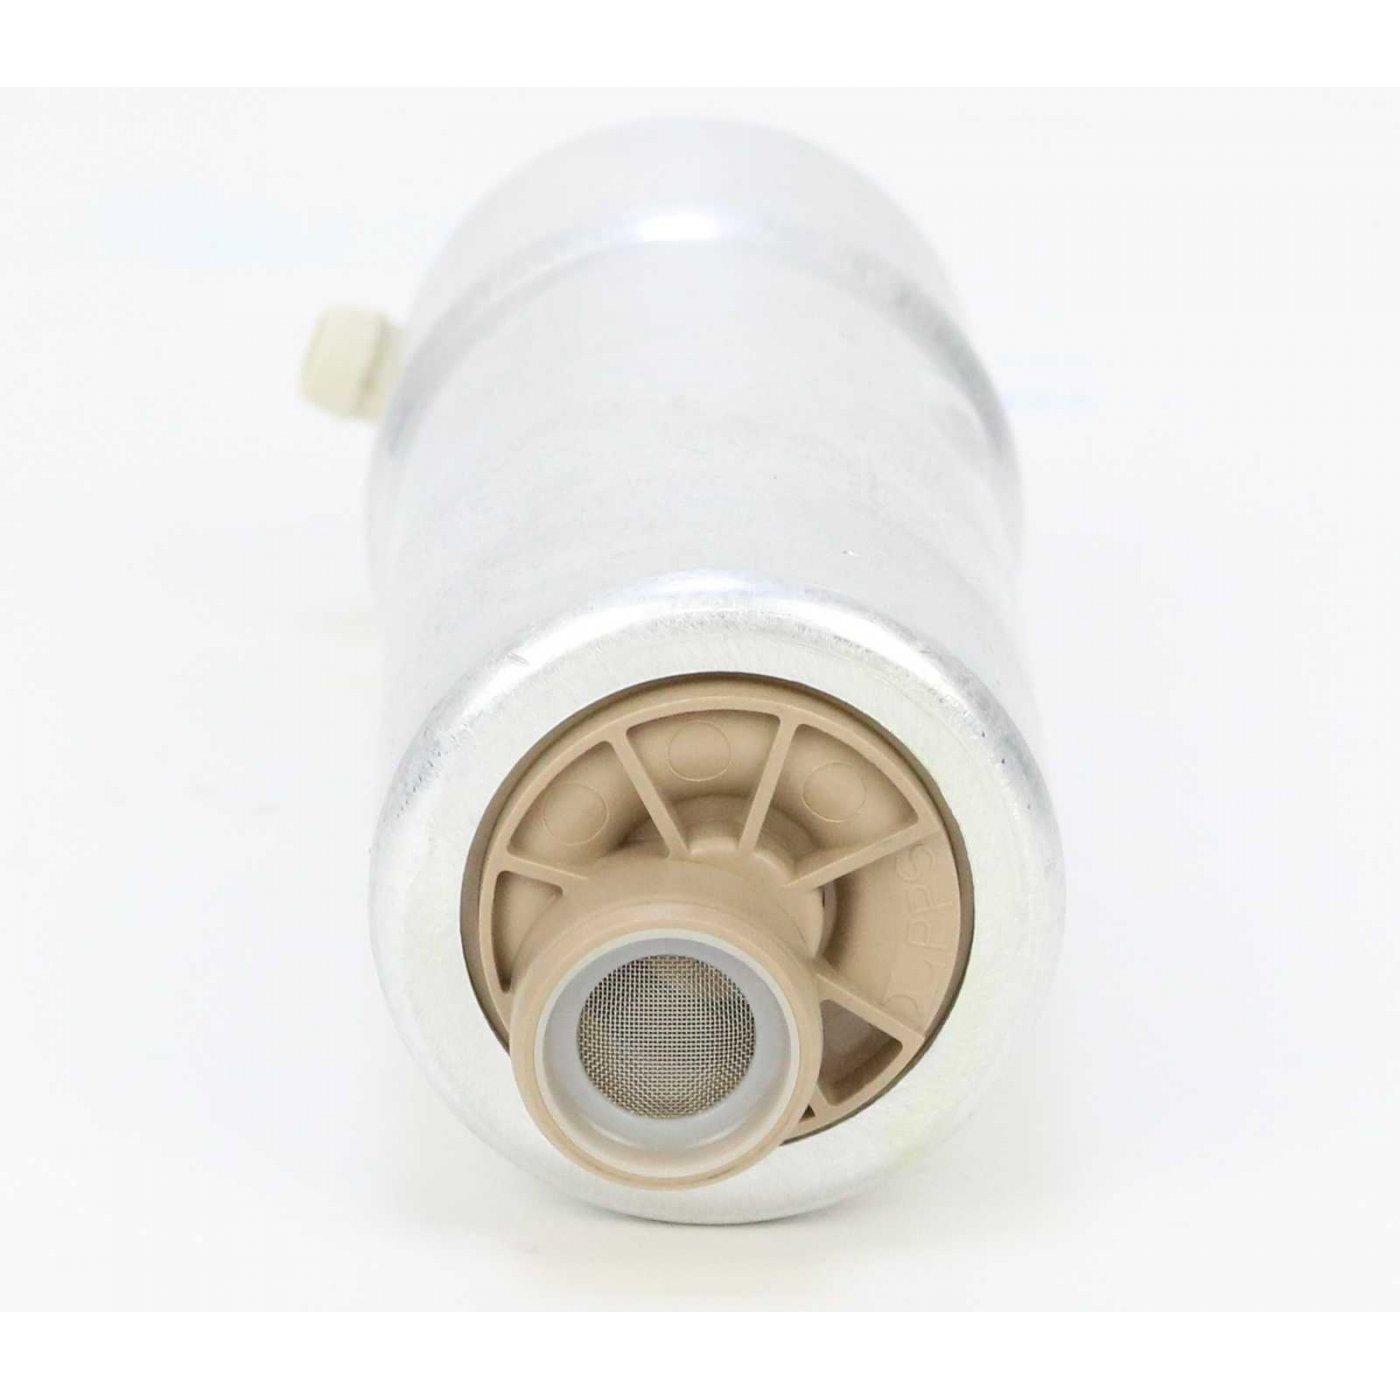 hight resolution of pierburg fuel pump for bmw 5er e39 520i 523i 525i 528i 530i 535i car parts2 116 99